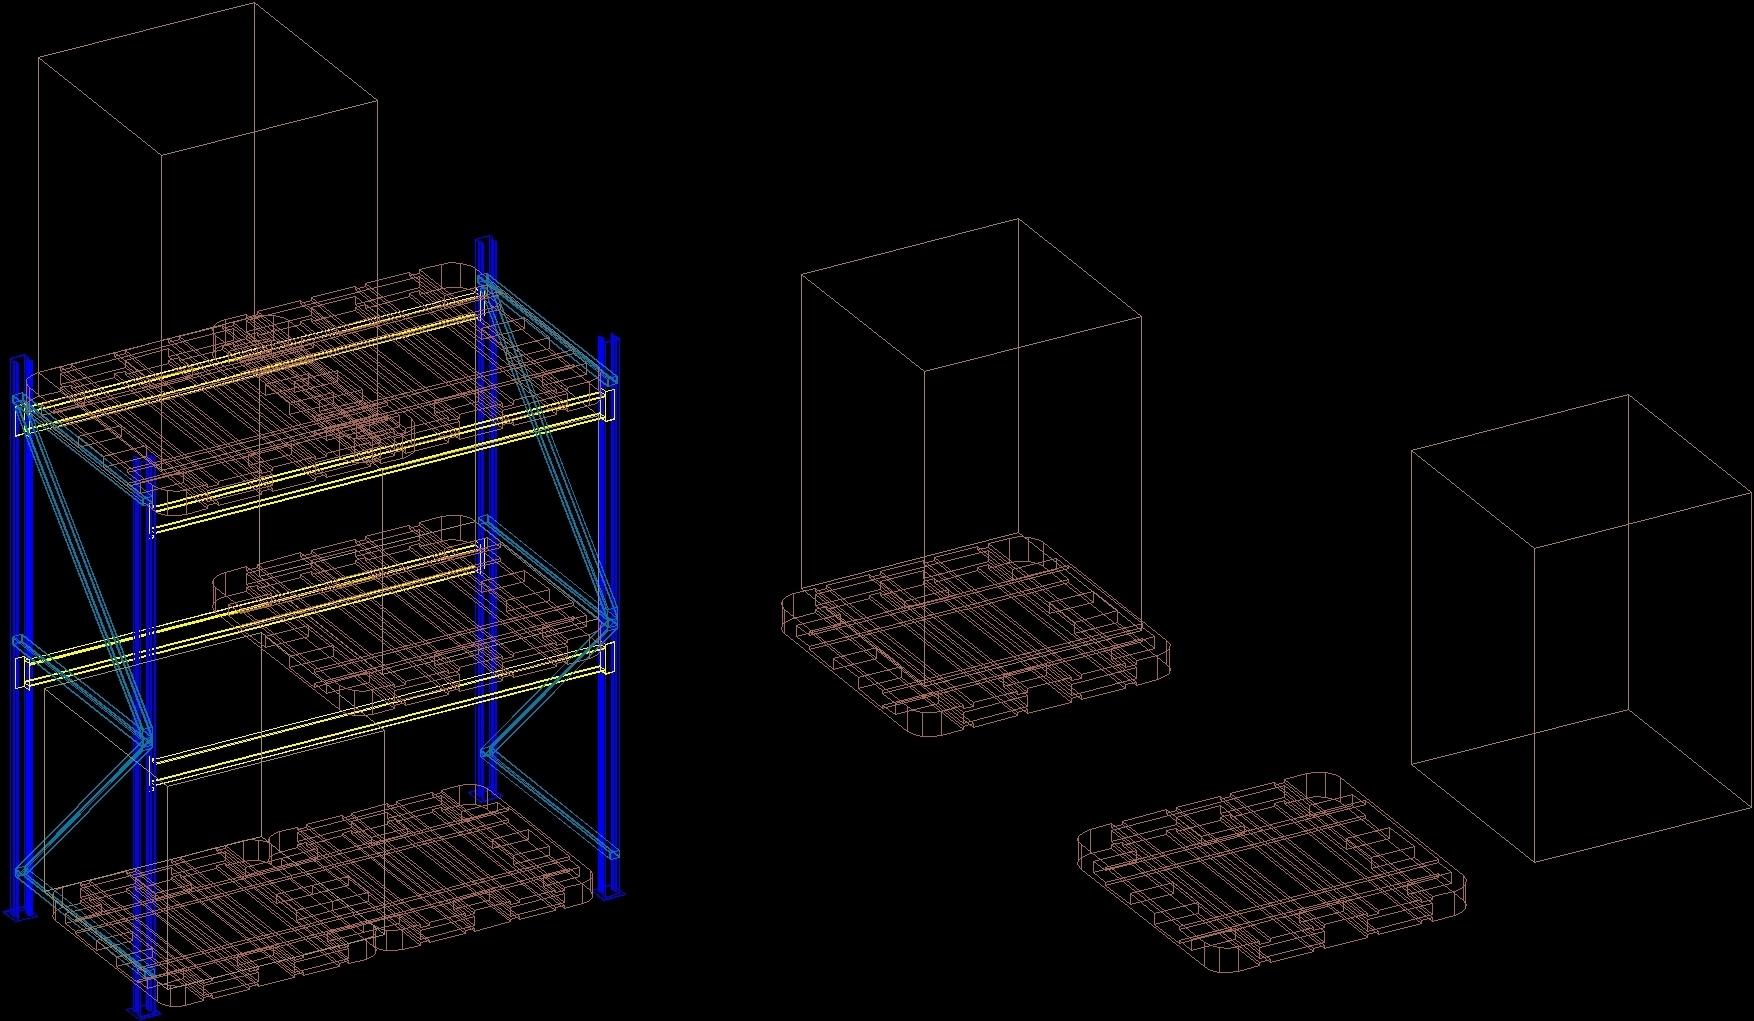 Pallet Rack 3d Dwg Model For Autocad Designs Cad